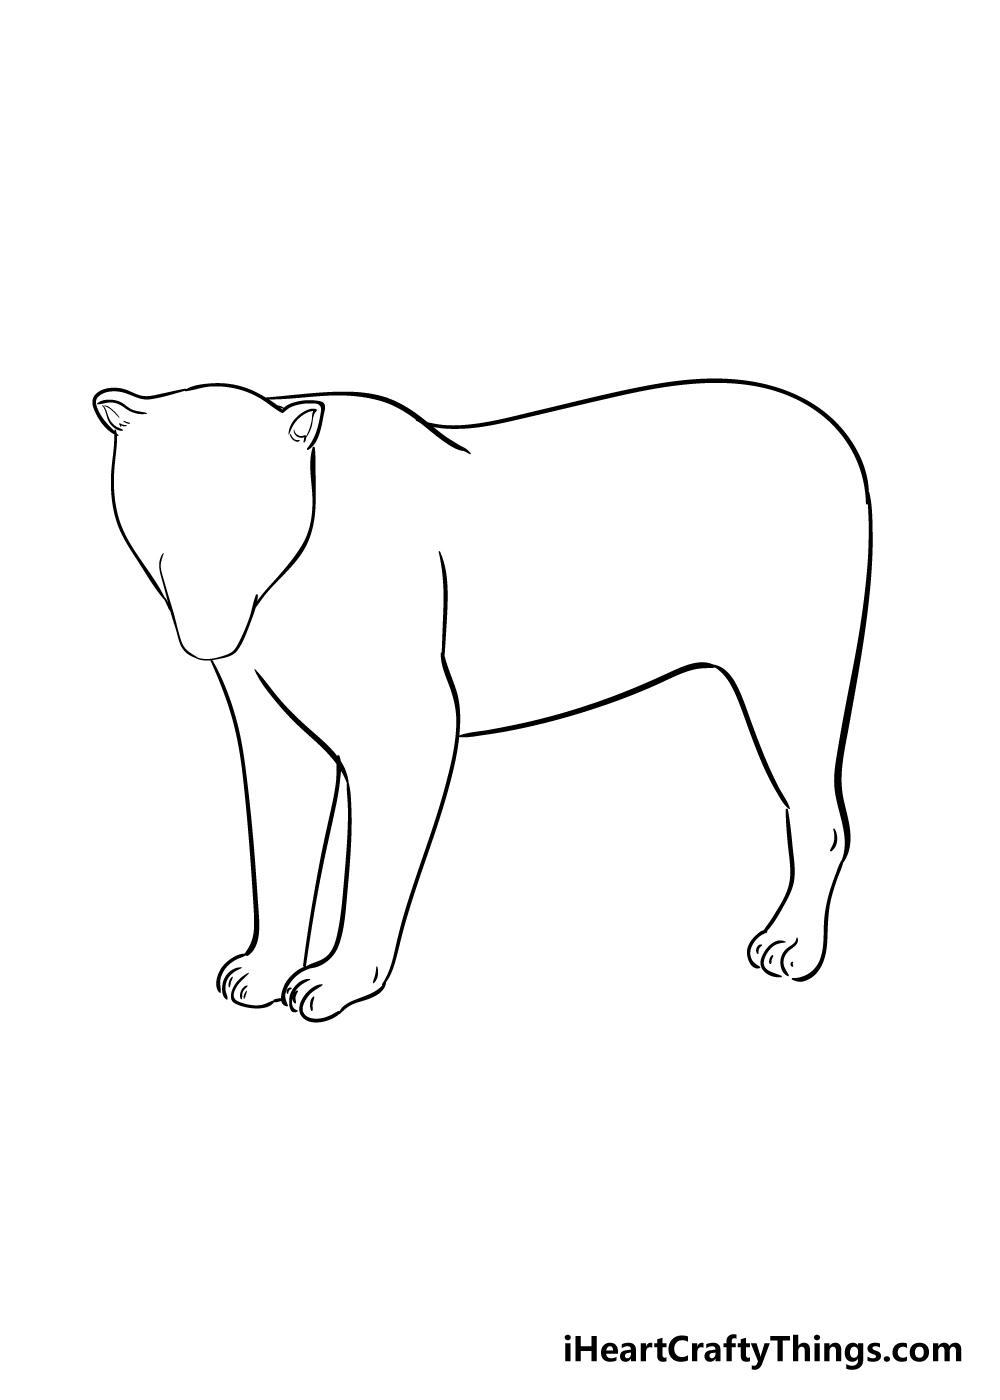 jaguar drawing step 4